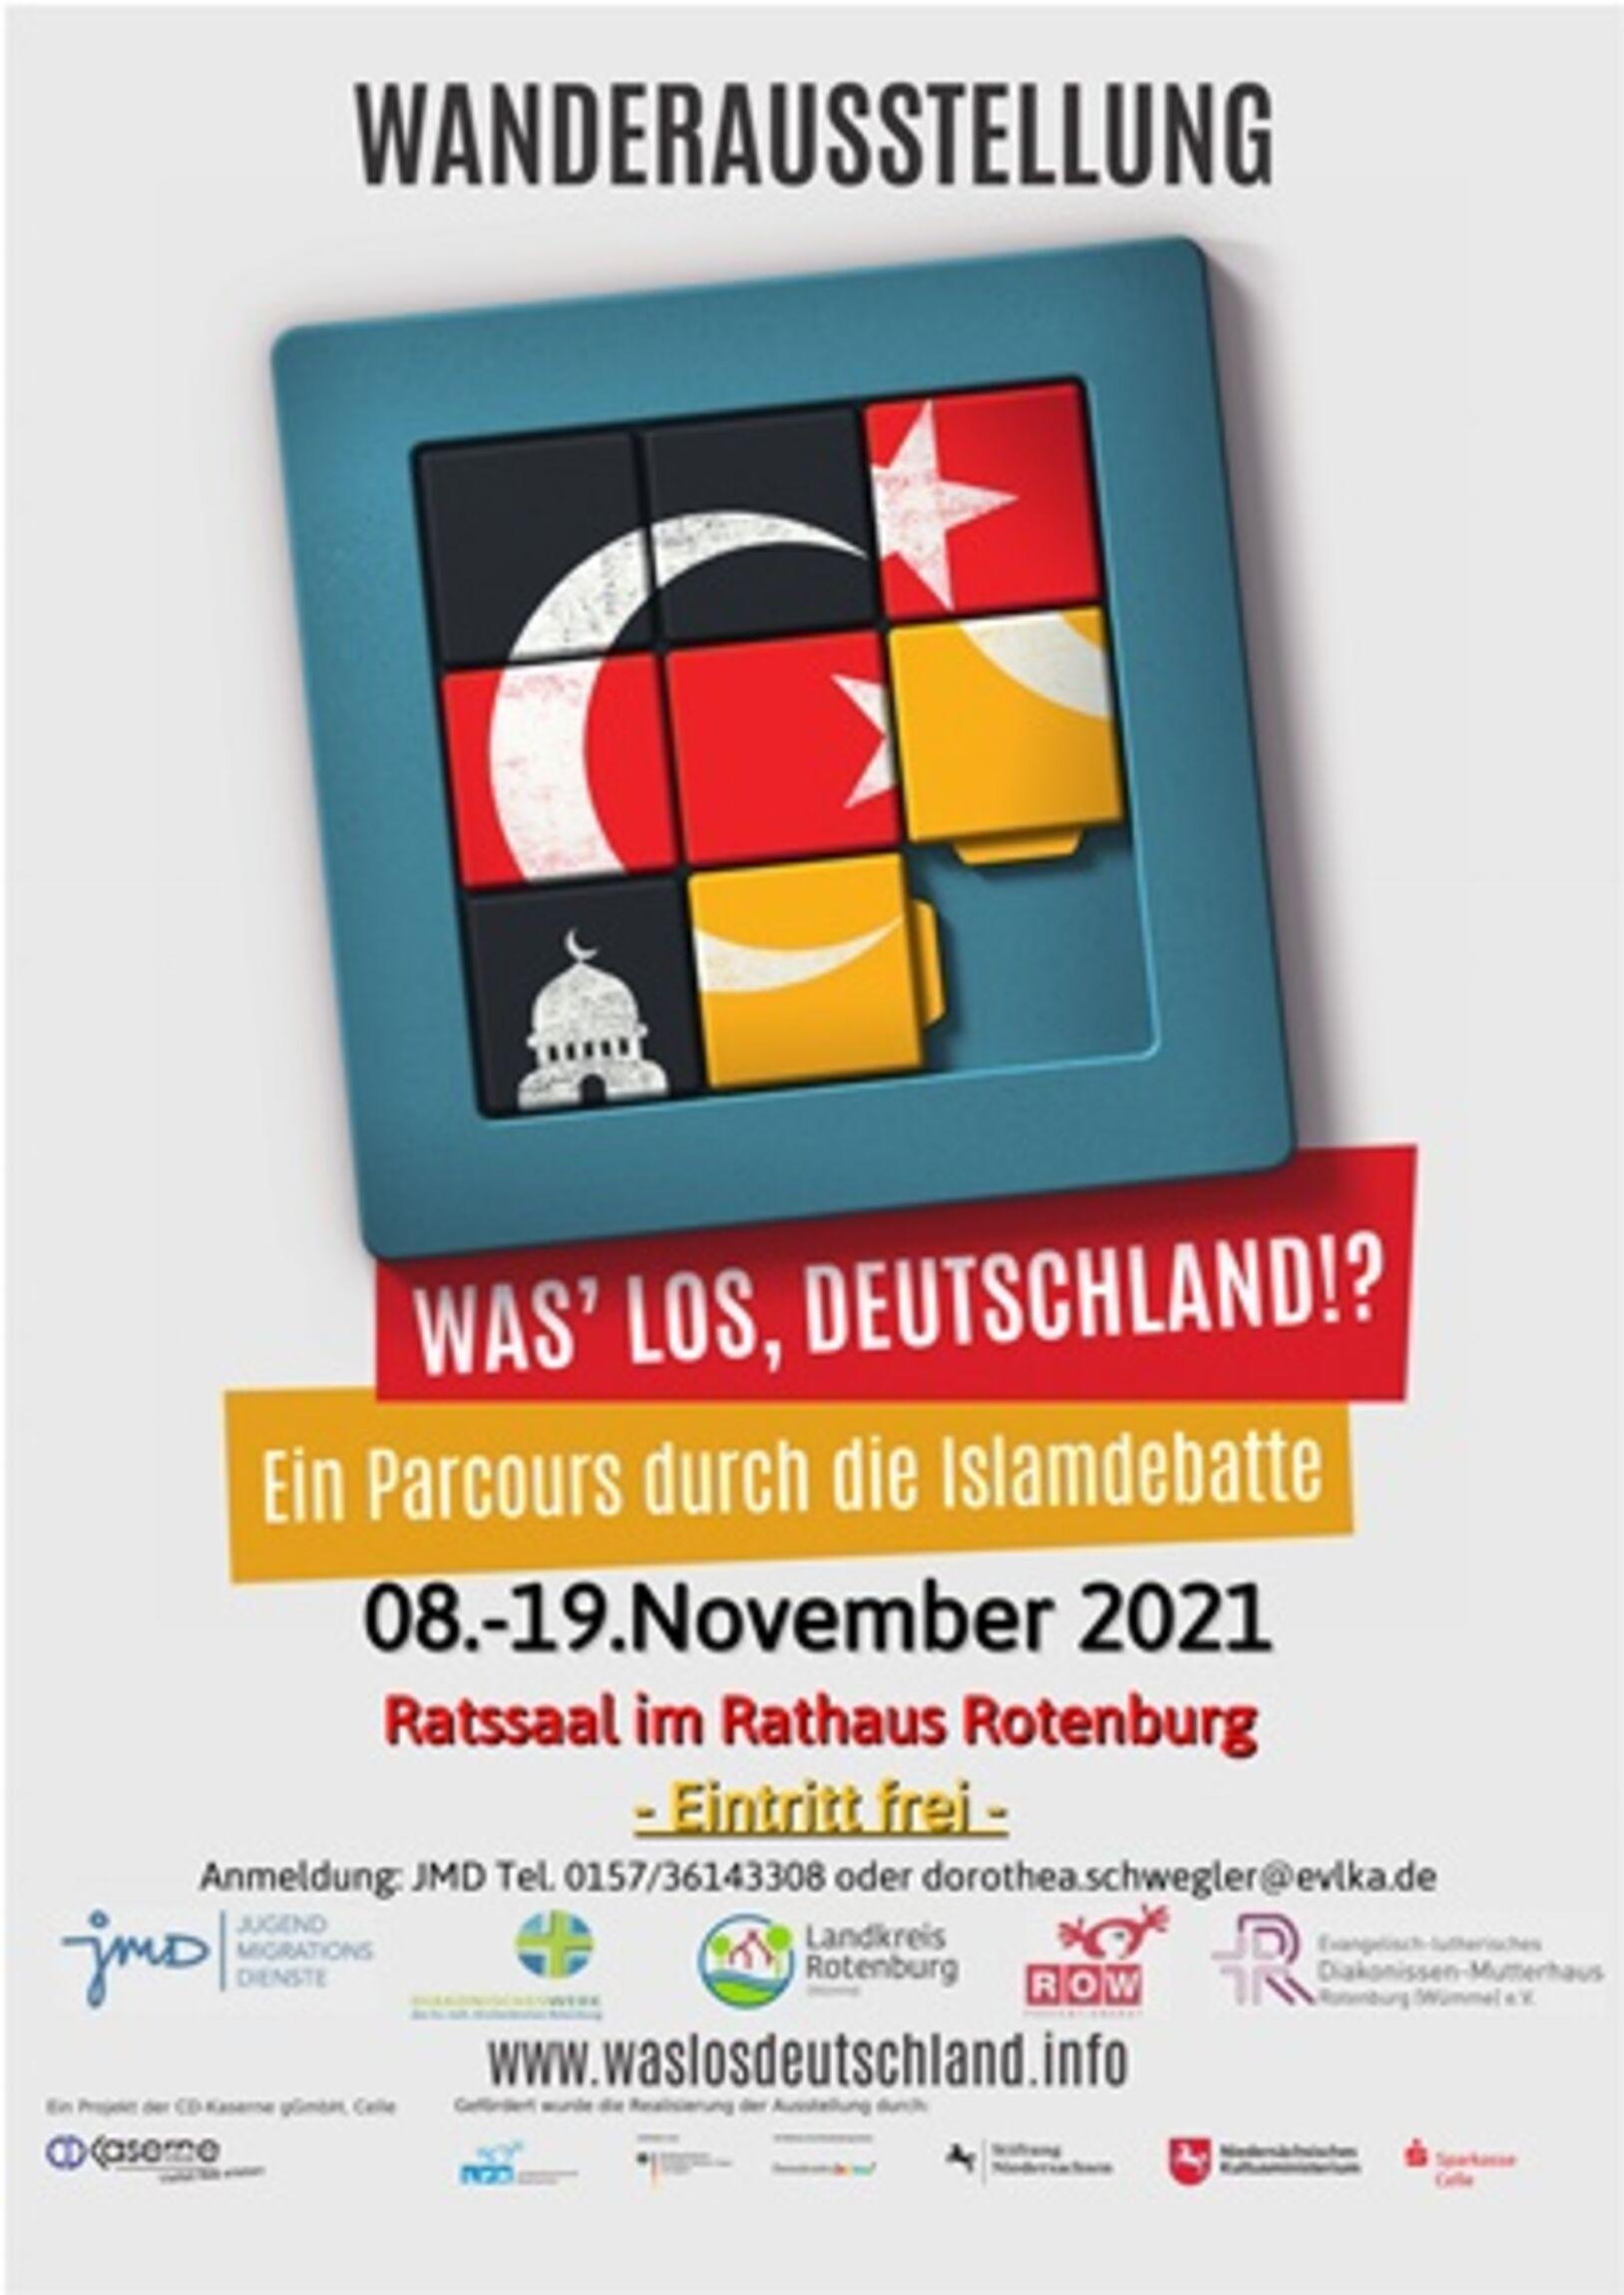 plakat wanderausstellung islamdebatte